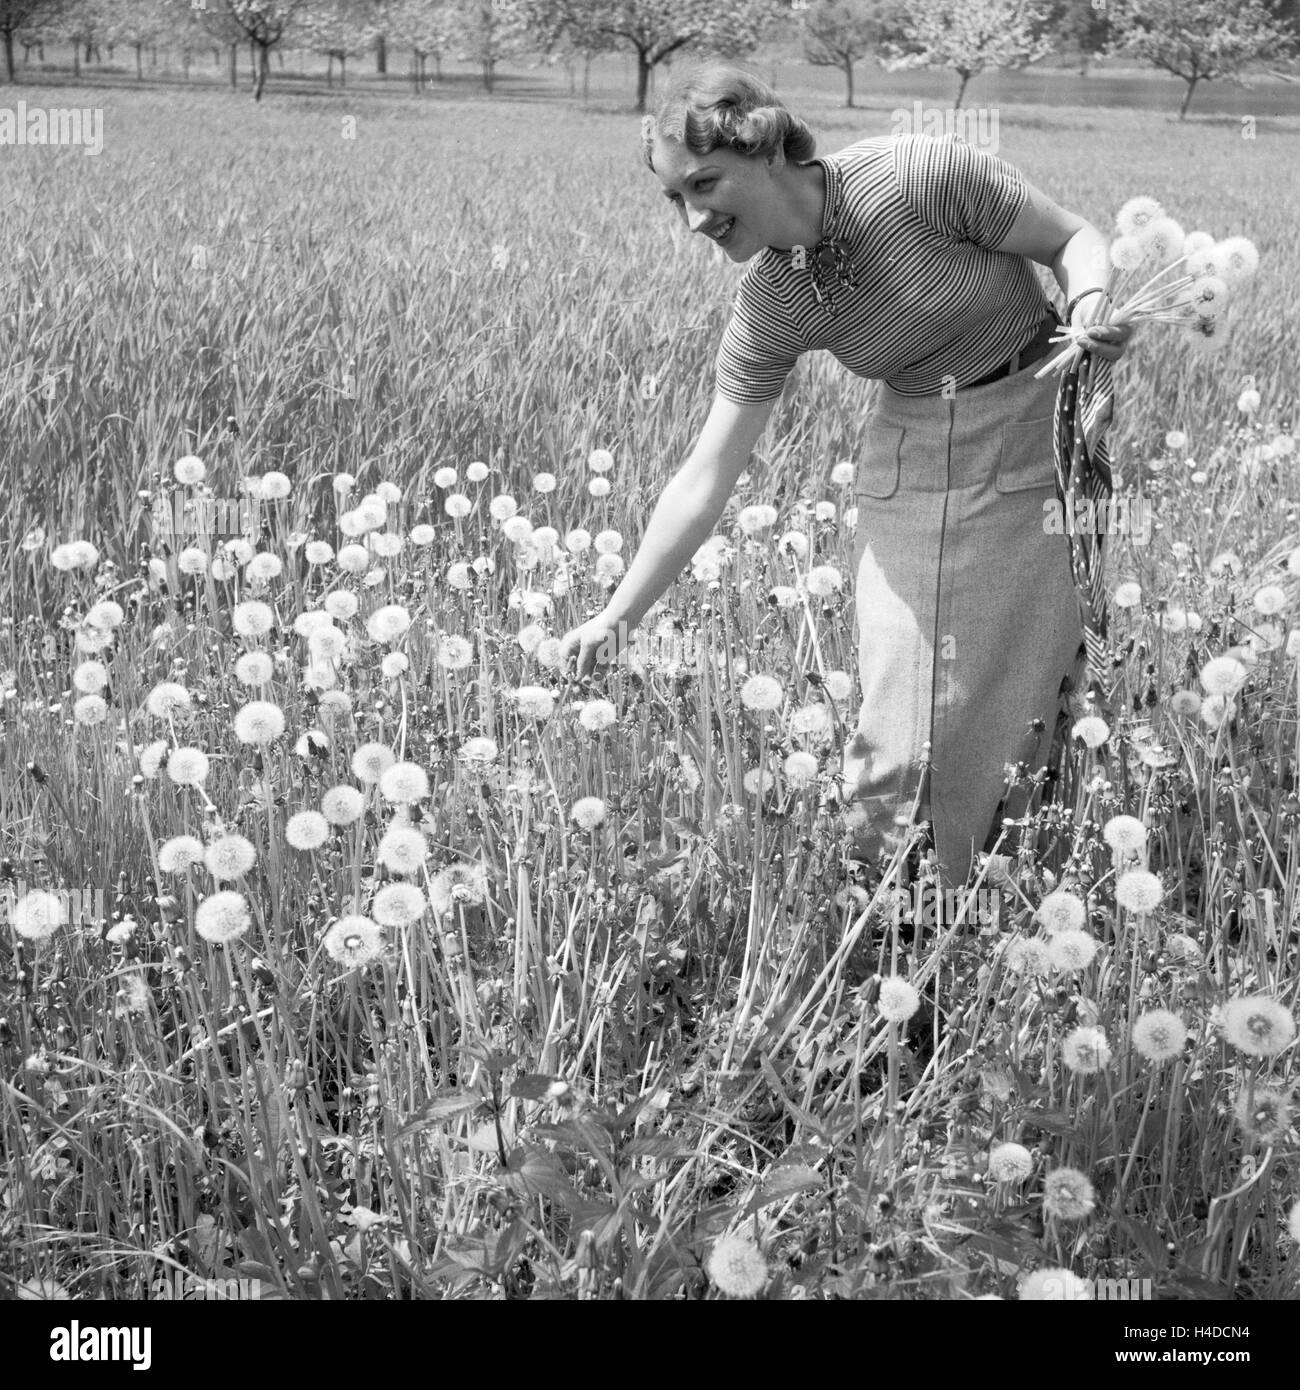 Eine Frau Pflückt Löwenzahn in Einem Feld, Deutschland 1930er Jahre. Eine Frau, die Kommissionierung einige Stockbild